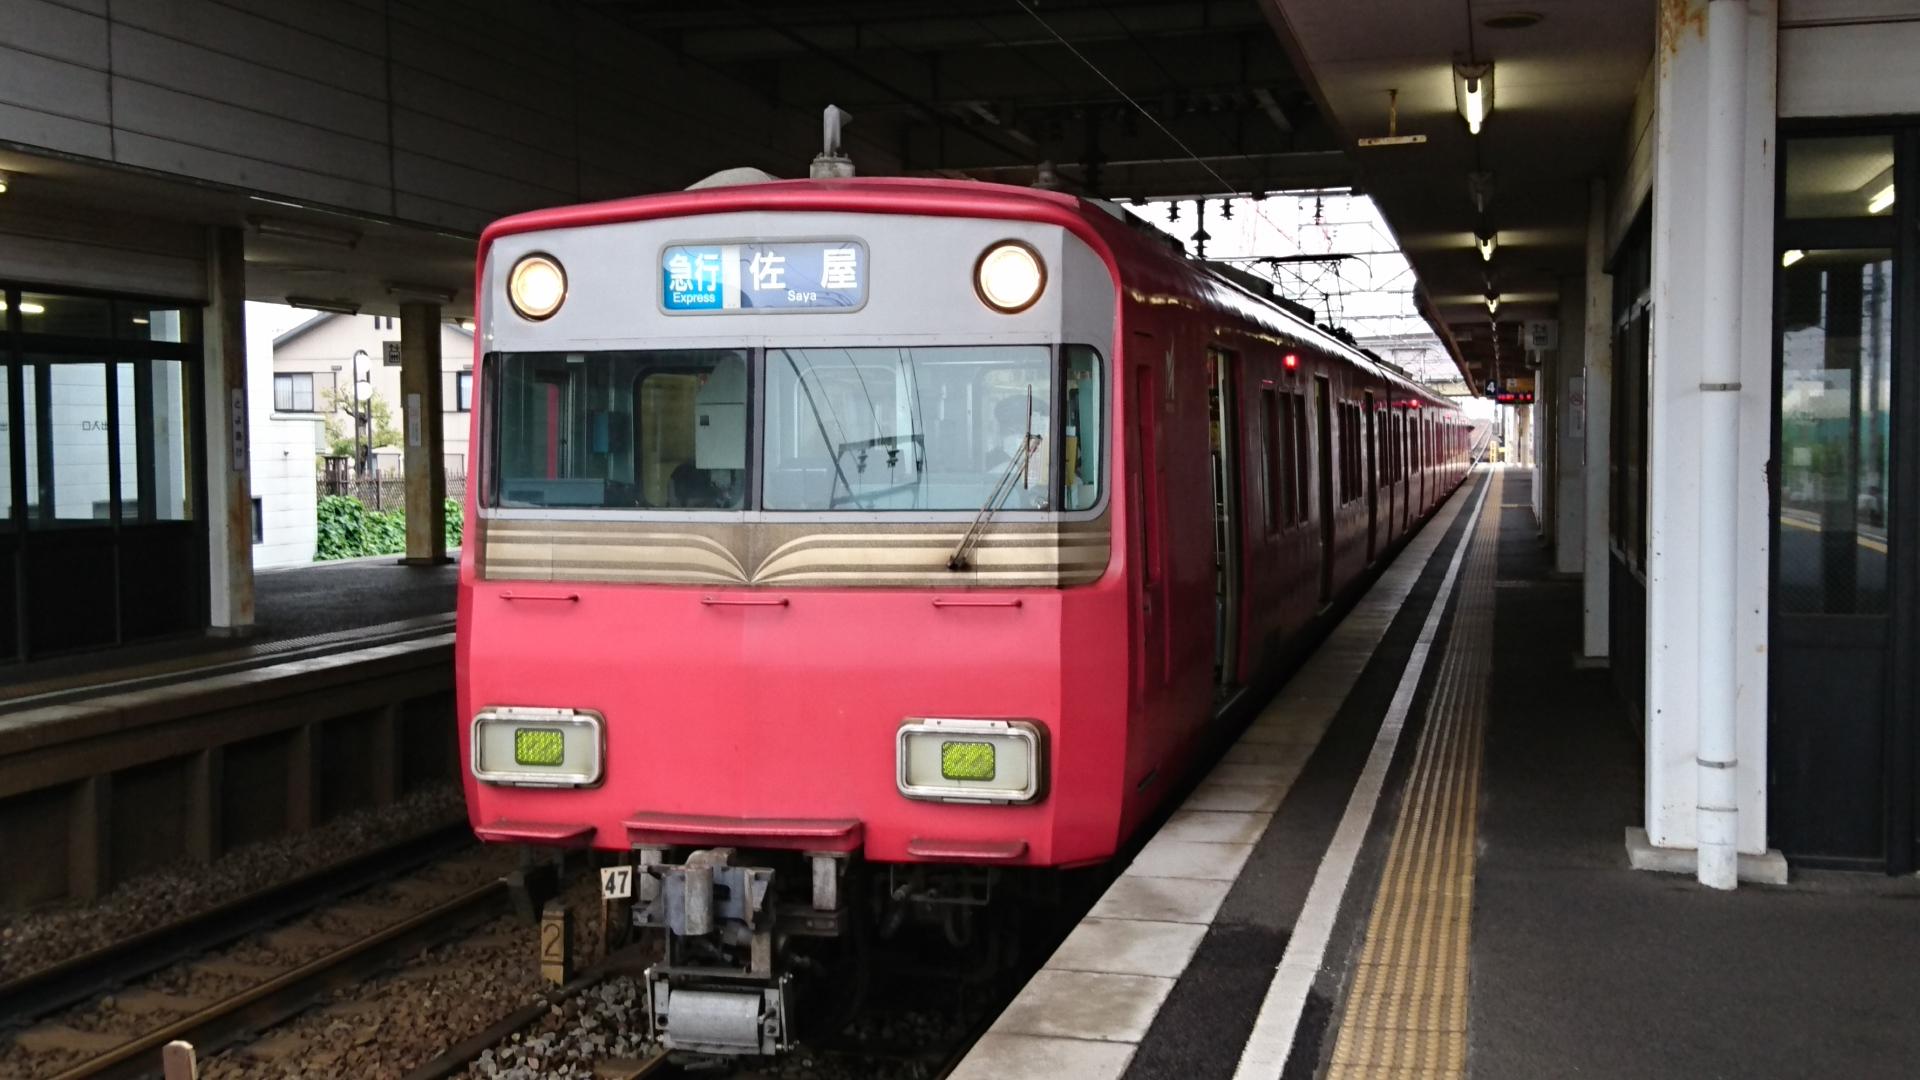 2017.5.13 豊明 (23) 佐屋いき急行 1920-1080